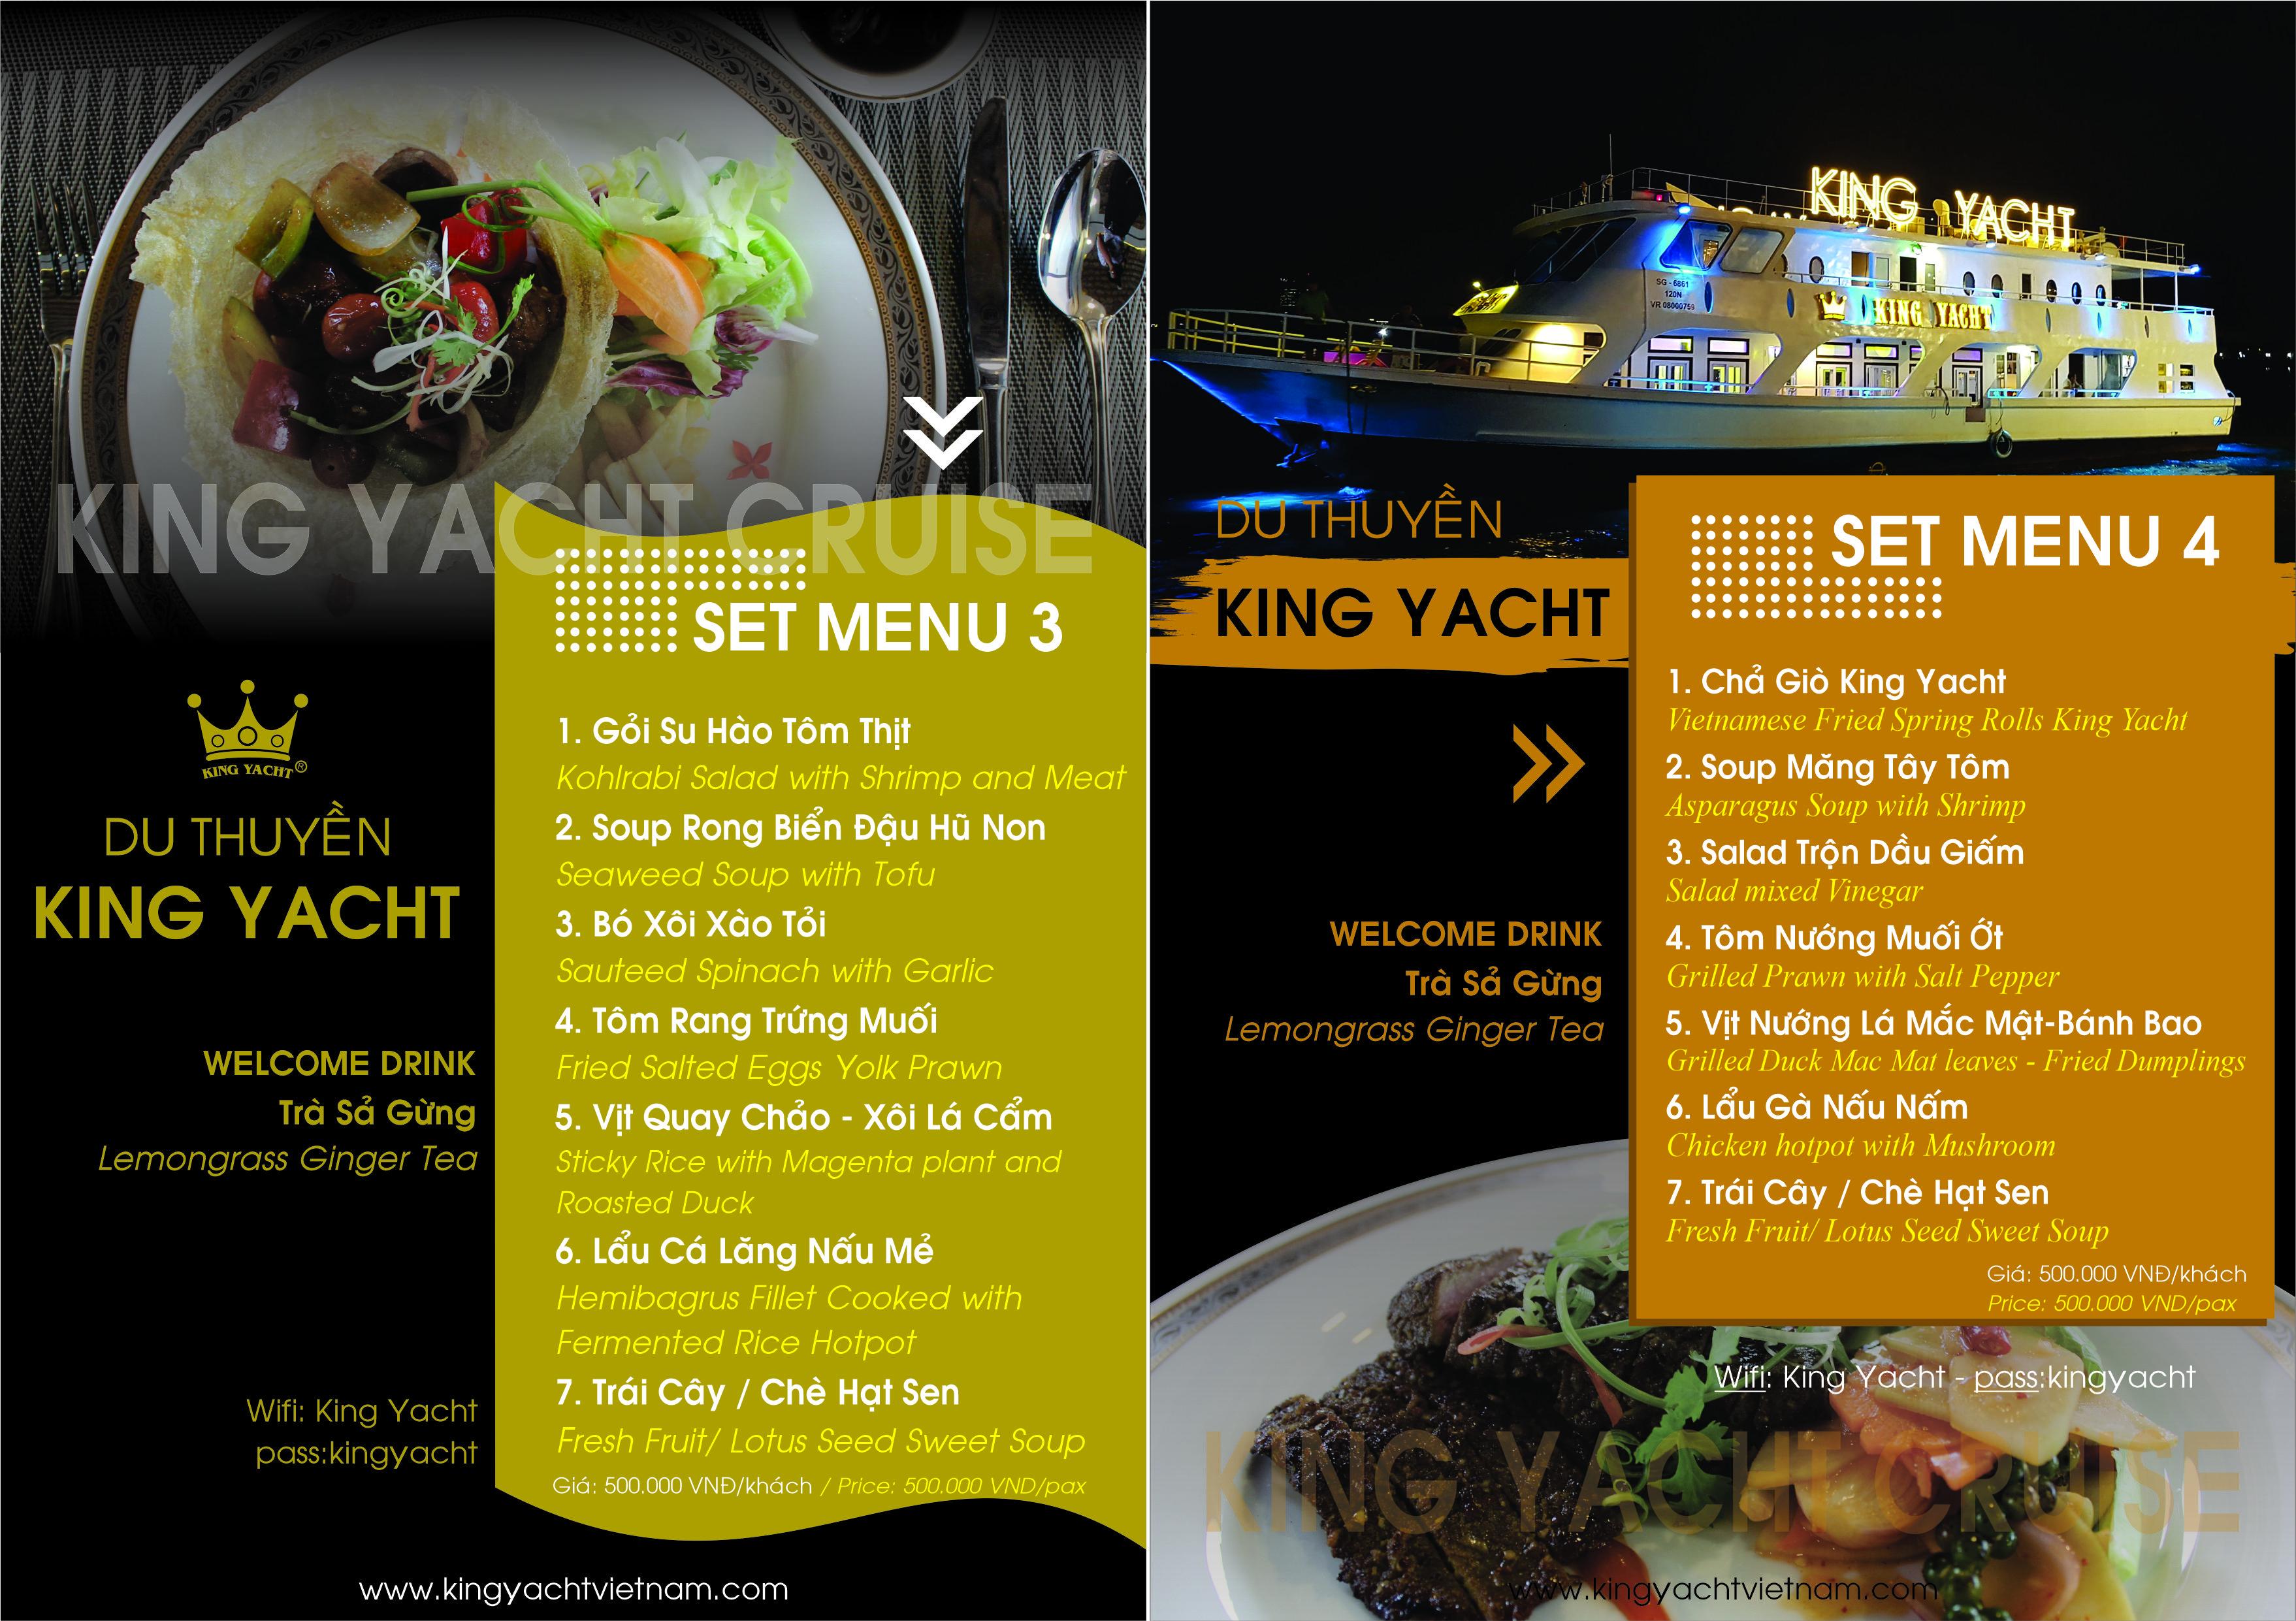 Set Menu 3 - 4 - Du thuyền King Yacht